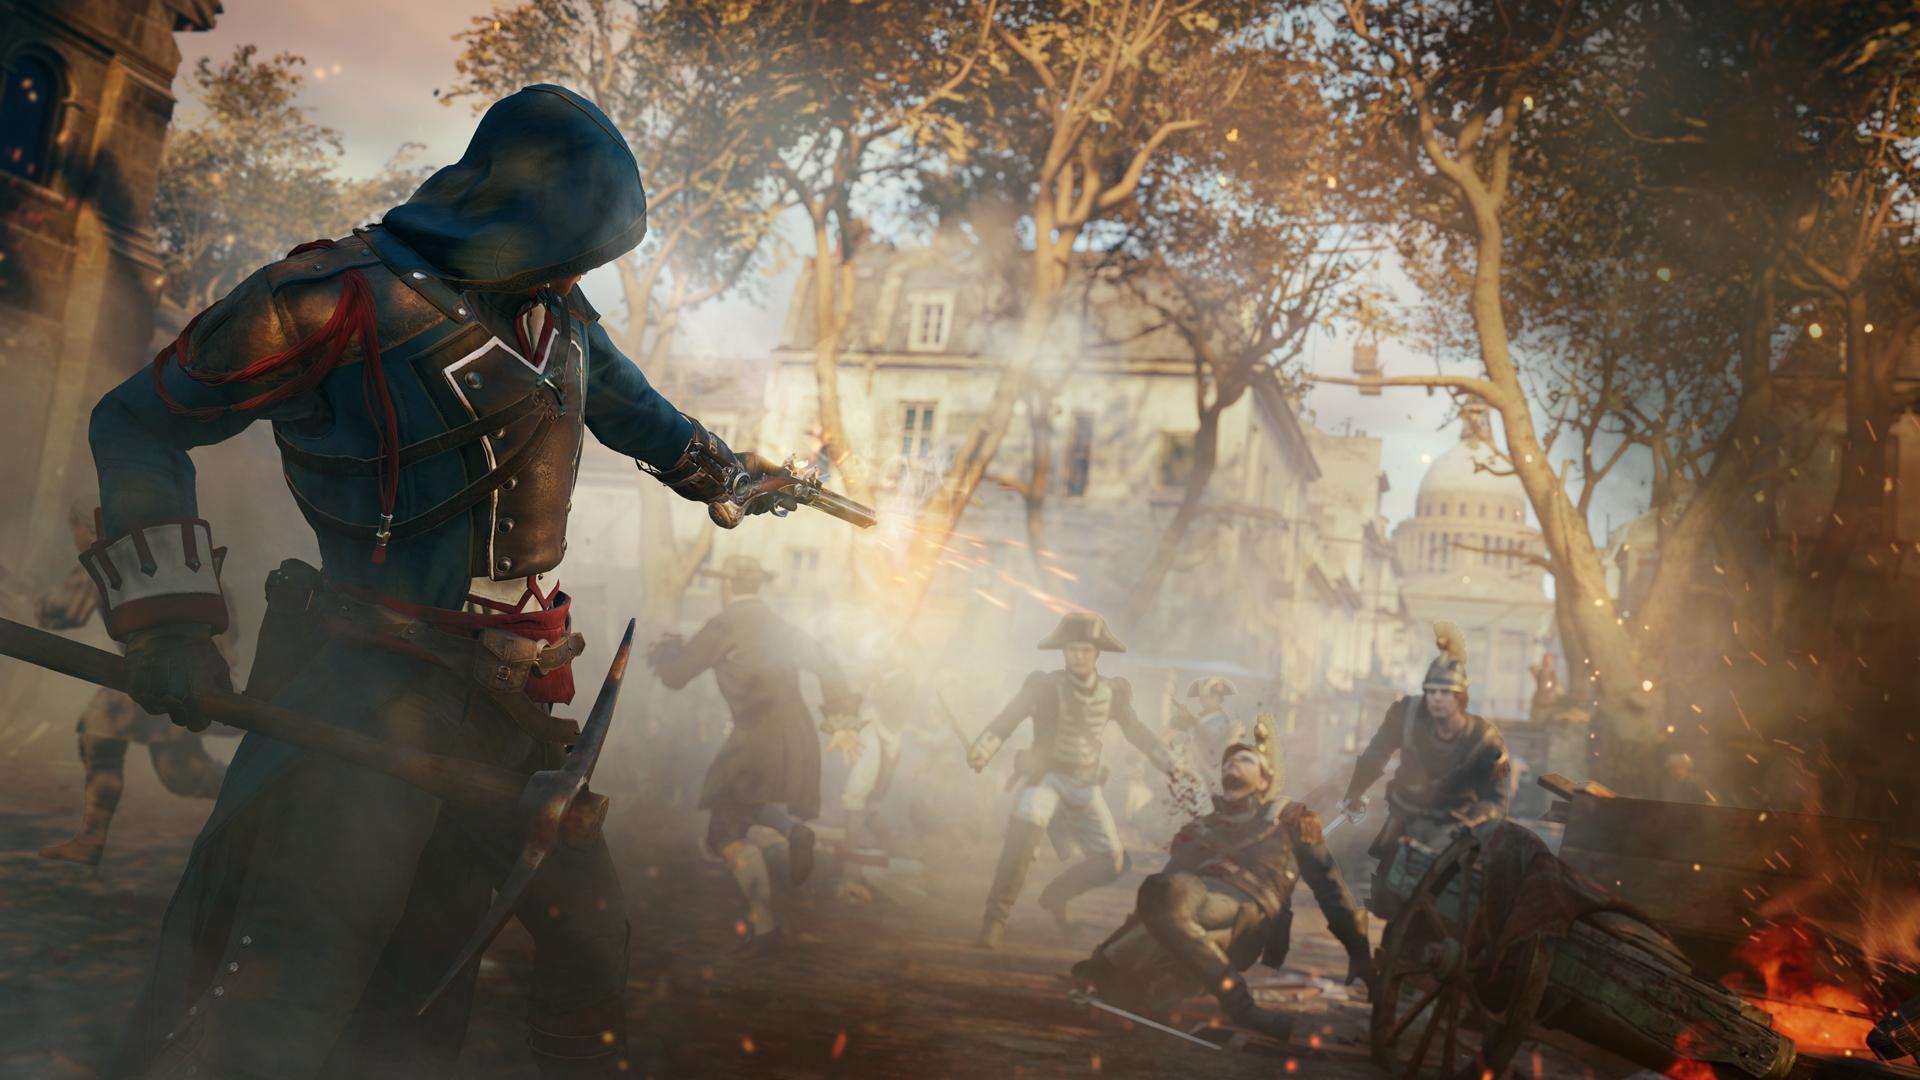 Assassin's Creed: Unity v příběhovém traileru 101191